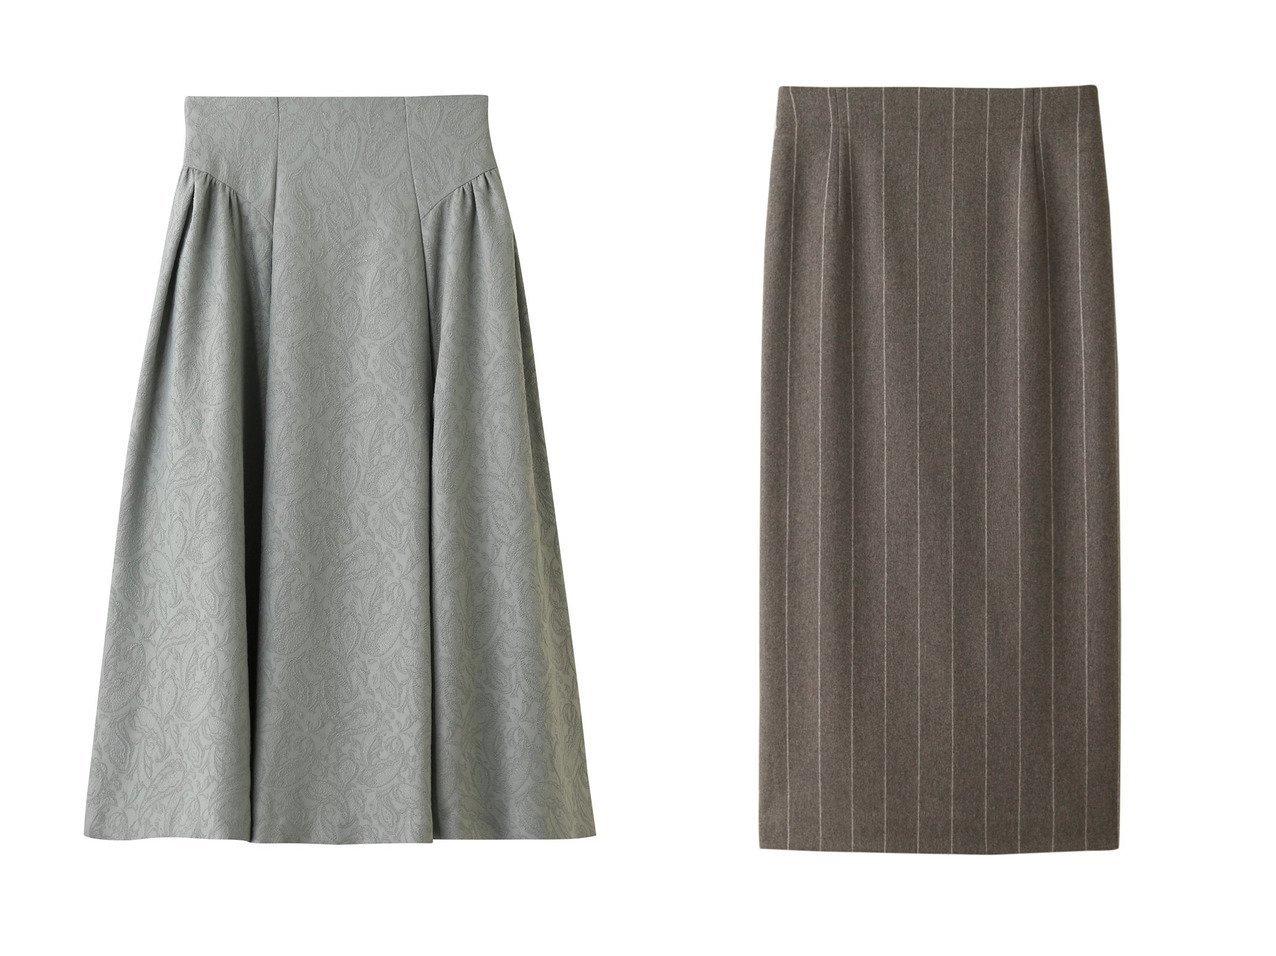 【LANVIN en Bleu/ランバン オン ブルー】のペイズリージャカード スカート&【ebure/エブール】のワイドストライプフランネル タイトロングスカート スカートのおすすめ!人気、レディースファッションの通販 おすすめで人気のファッション通販商品 インテリア・家具・キッズファッション・メンズファッション・レディースファッション・服の通販 founy(ファニー) https://founy.com/ ファッション Fashion レディース WOMEN スカート Skirt ロングスカート Long Skirt ギャザー ジャカード ペイズリー ロング カシミヤ ストライプ ワイド 今季 |ID:crp329100000001187